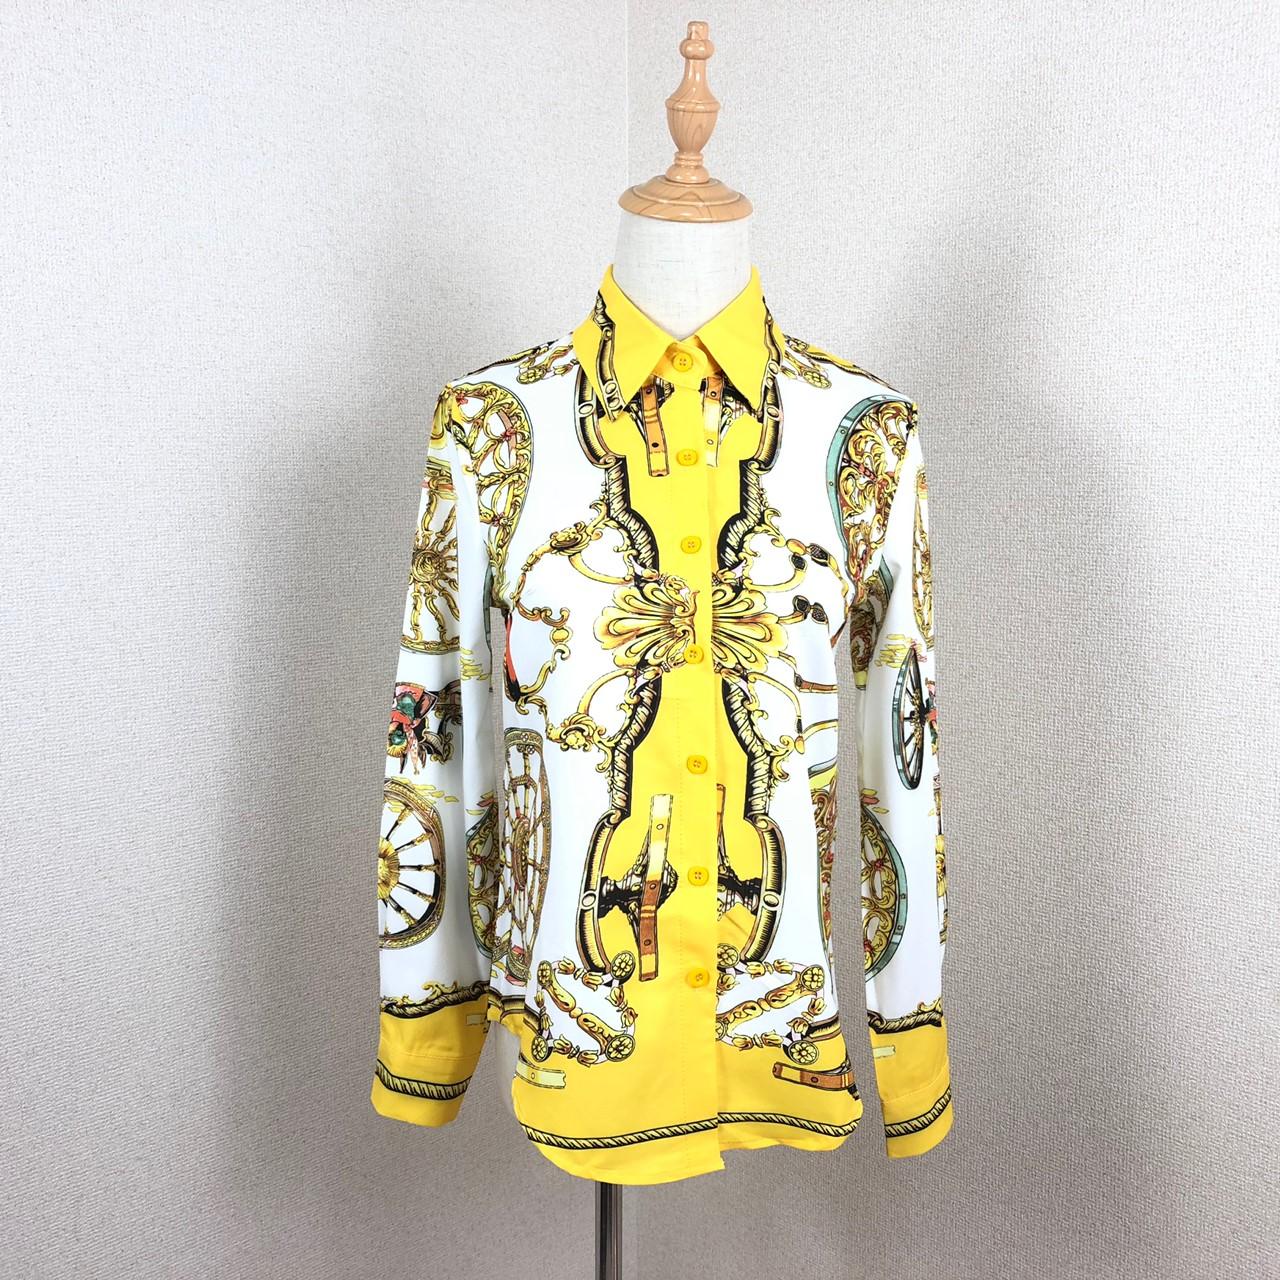 韓国 ファッション トップス ブラウス シャツ 夏 春 パーティー ブライダル PTXE826  光沢 レトロ スカーフ柄 襟付き ドレス オフィス 二次会 セレブ きれいめの写真18枚目